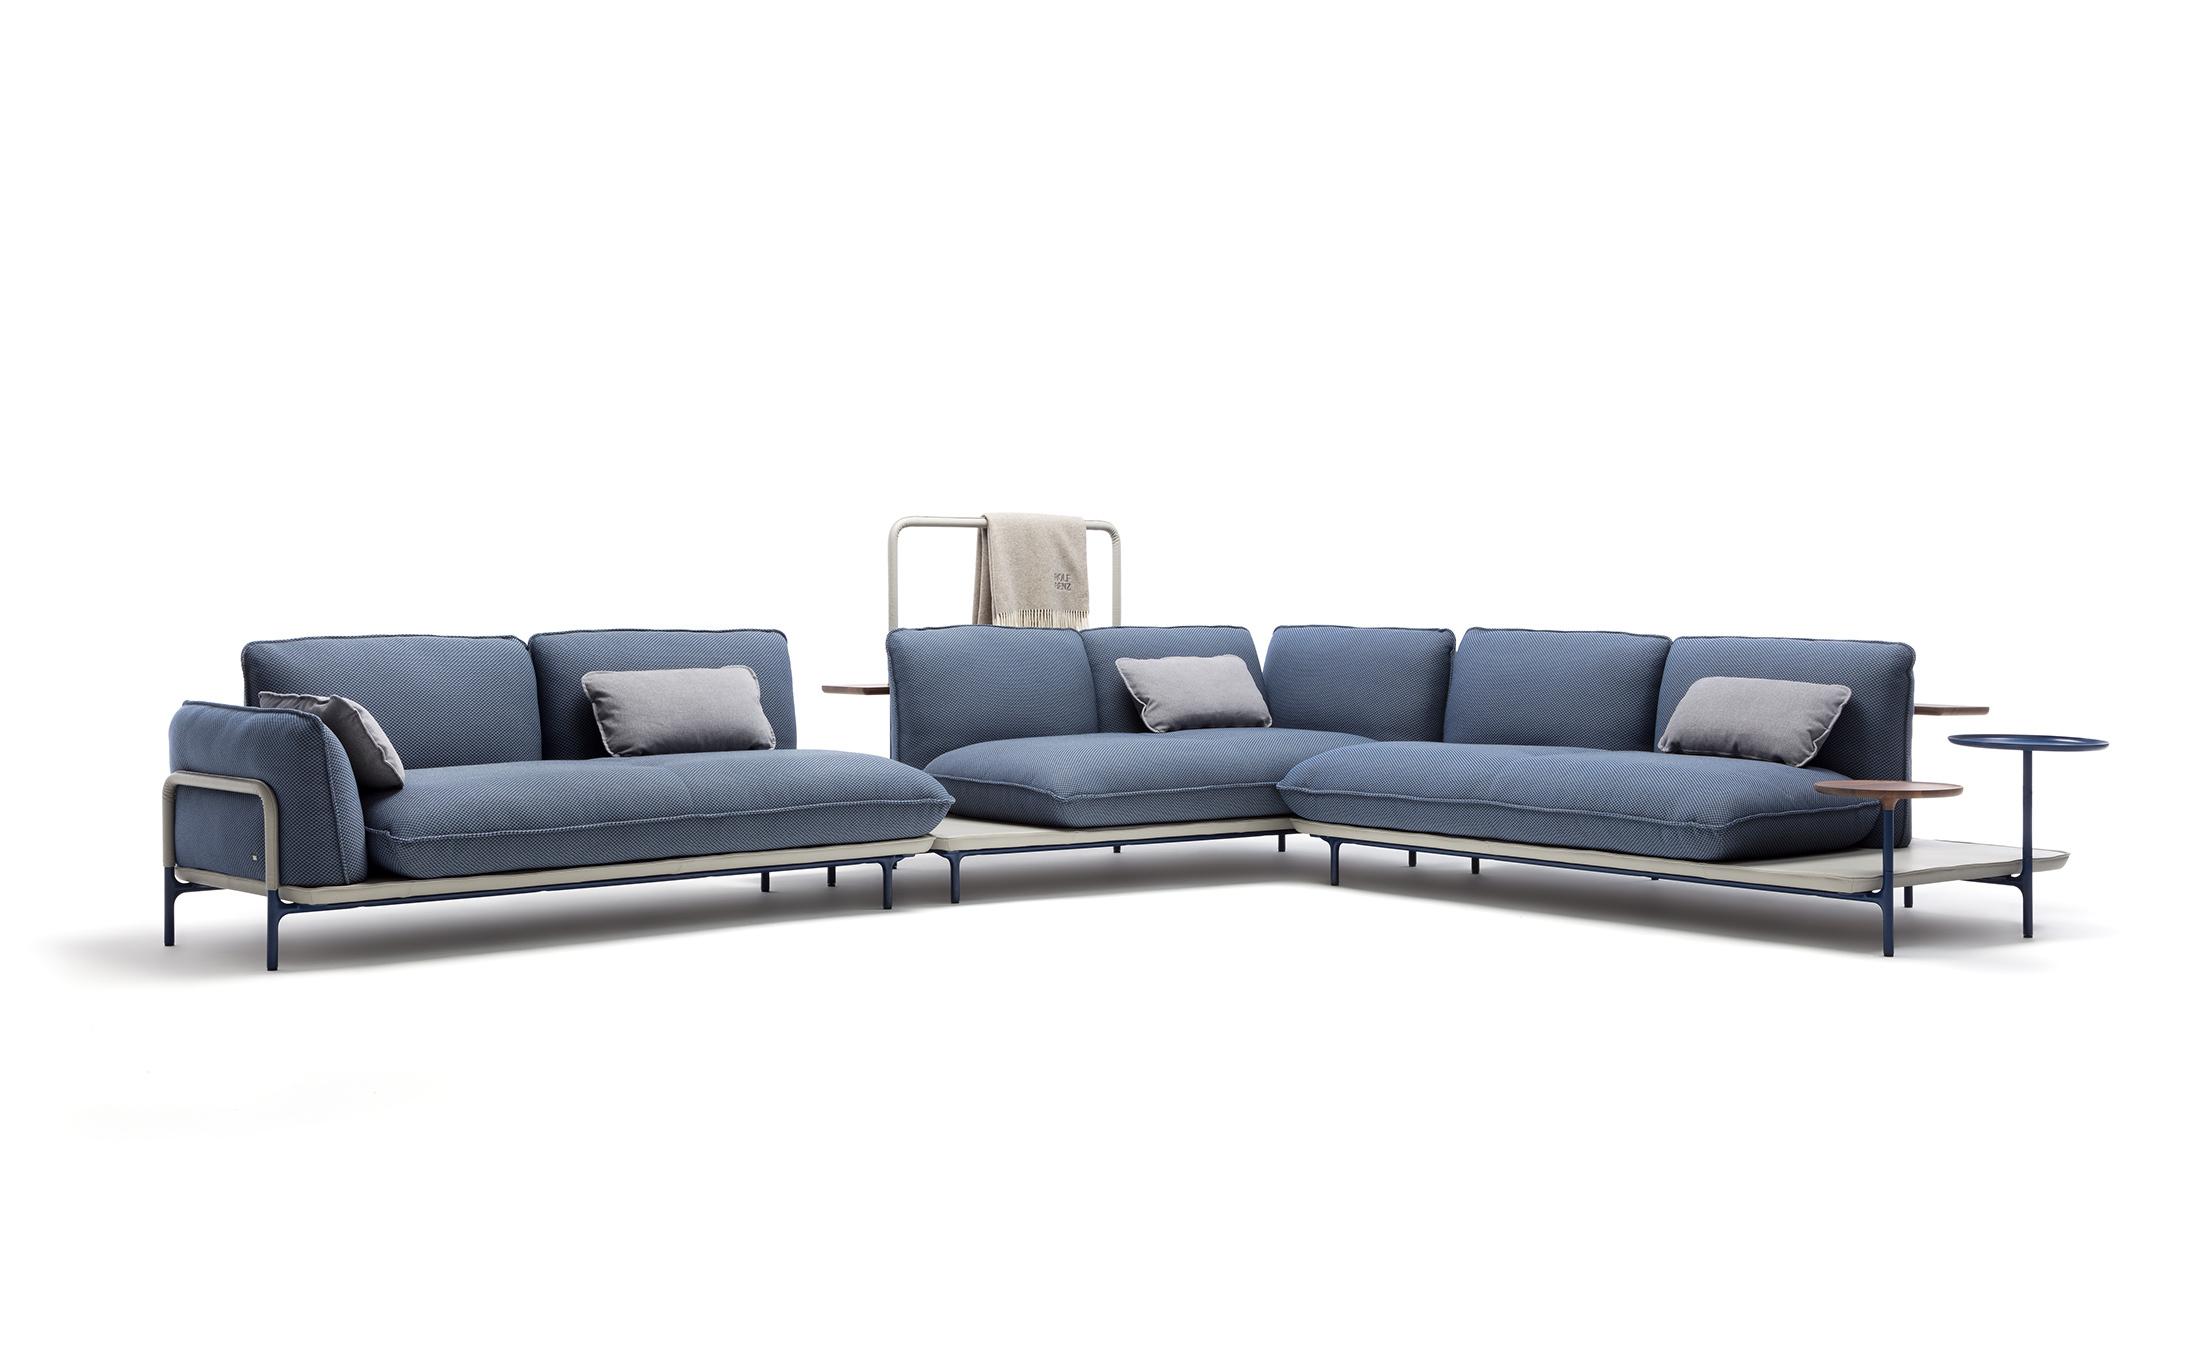 Full Size of Rolf Benz Sofa Gebraucht Verkaufen Cara Preis Couch 6500 Freistil 180 Mera Outlet Dono Preise 165 Schweiz 141 183 134 Mio 515 Addit Von Stylepark Impressionen Sofa Rolf Benz Sofa